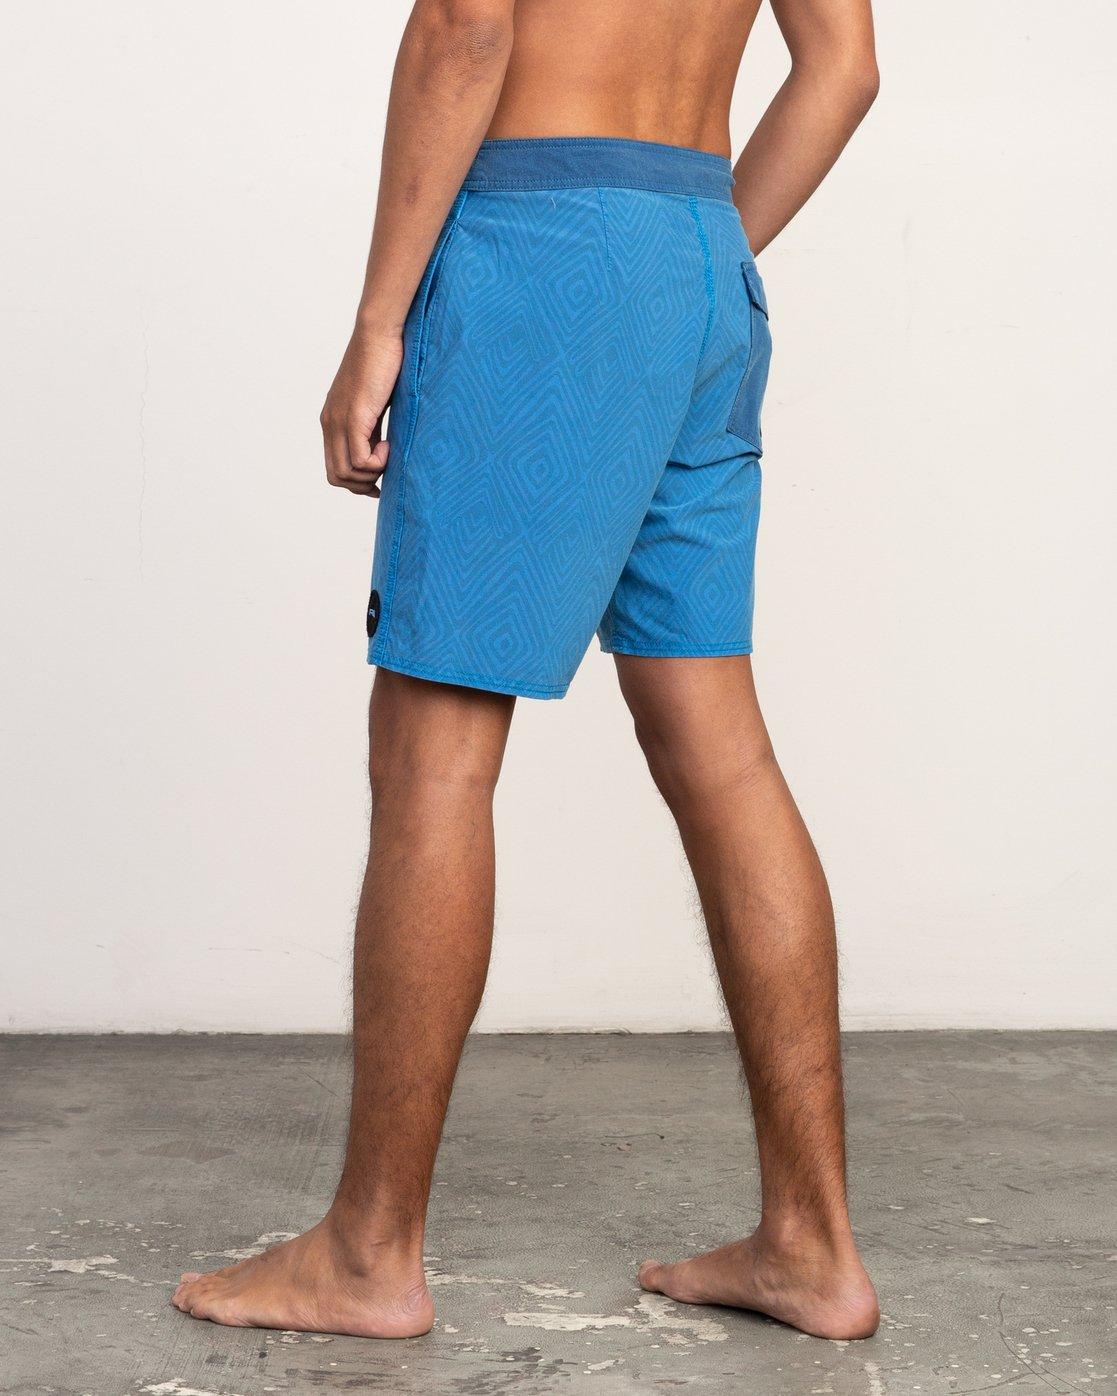 hhhuiopp Kids Stripe Cool Slim Fit Stretch Board Swimming Trunks Shorts